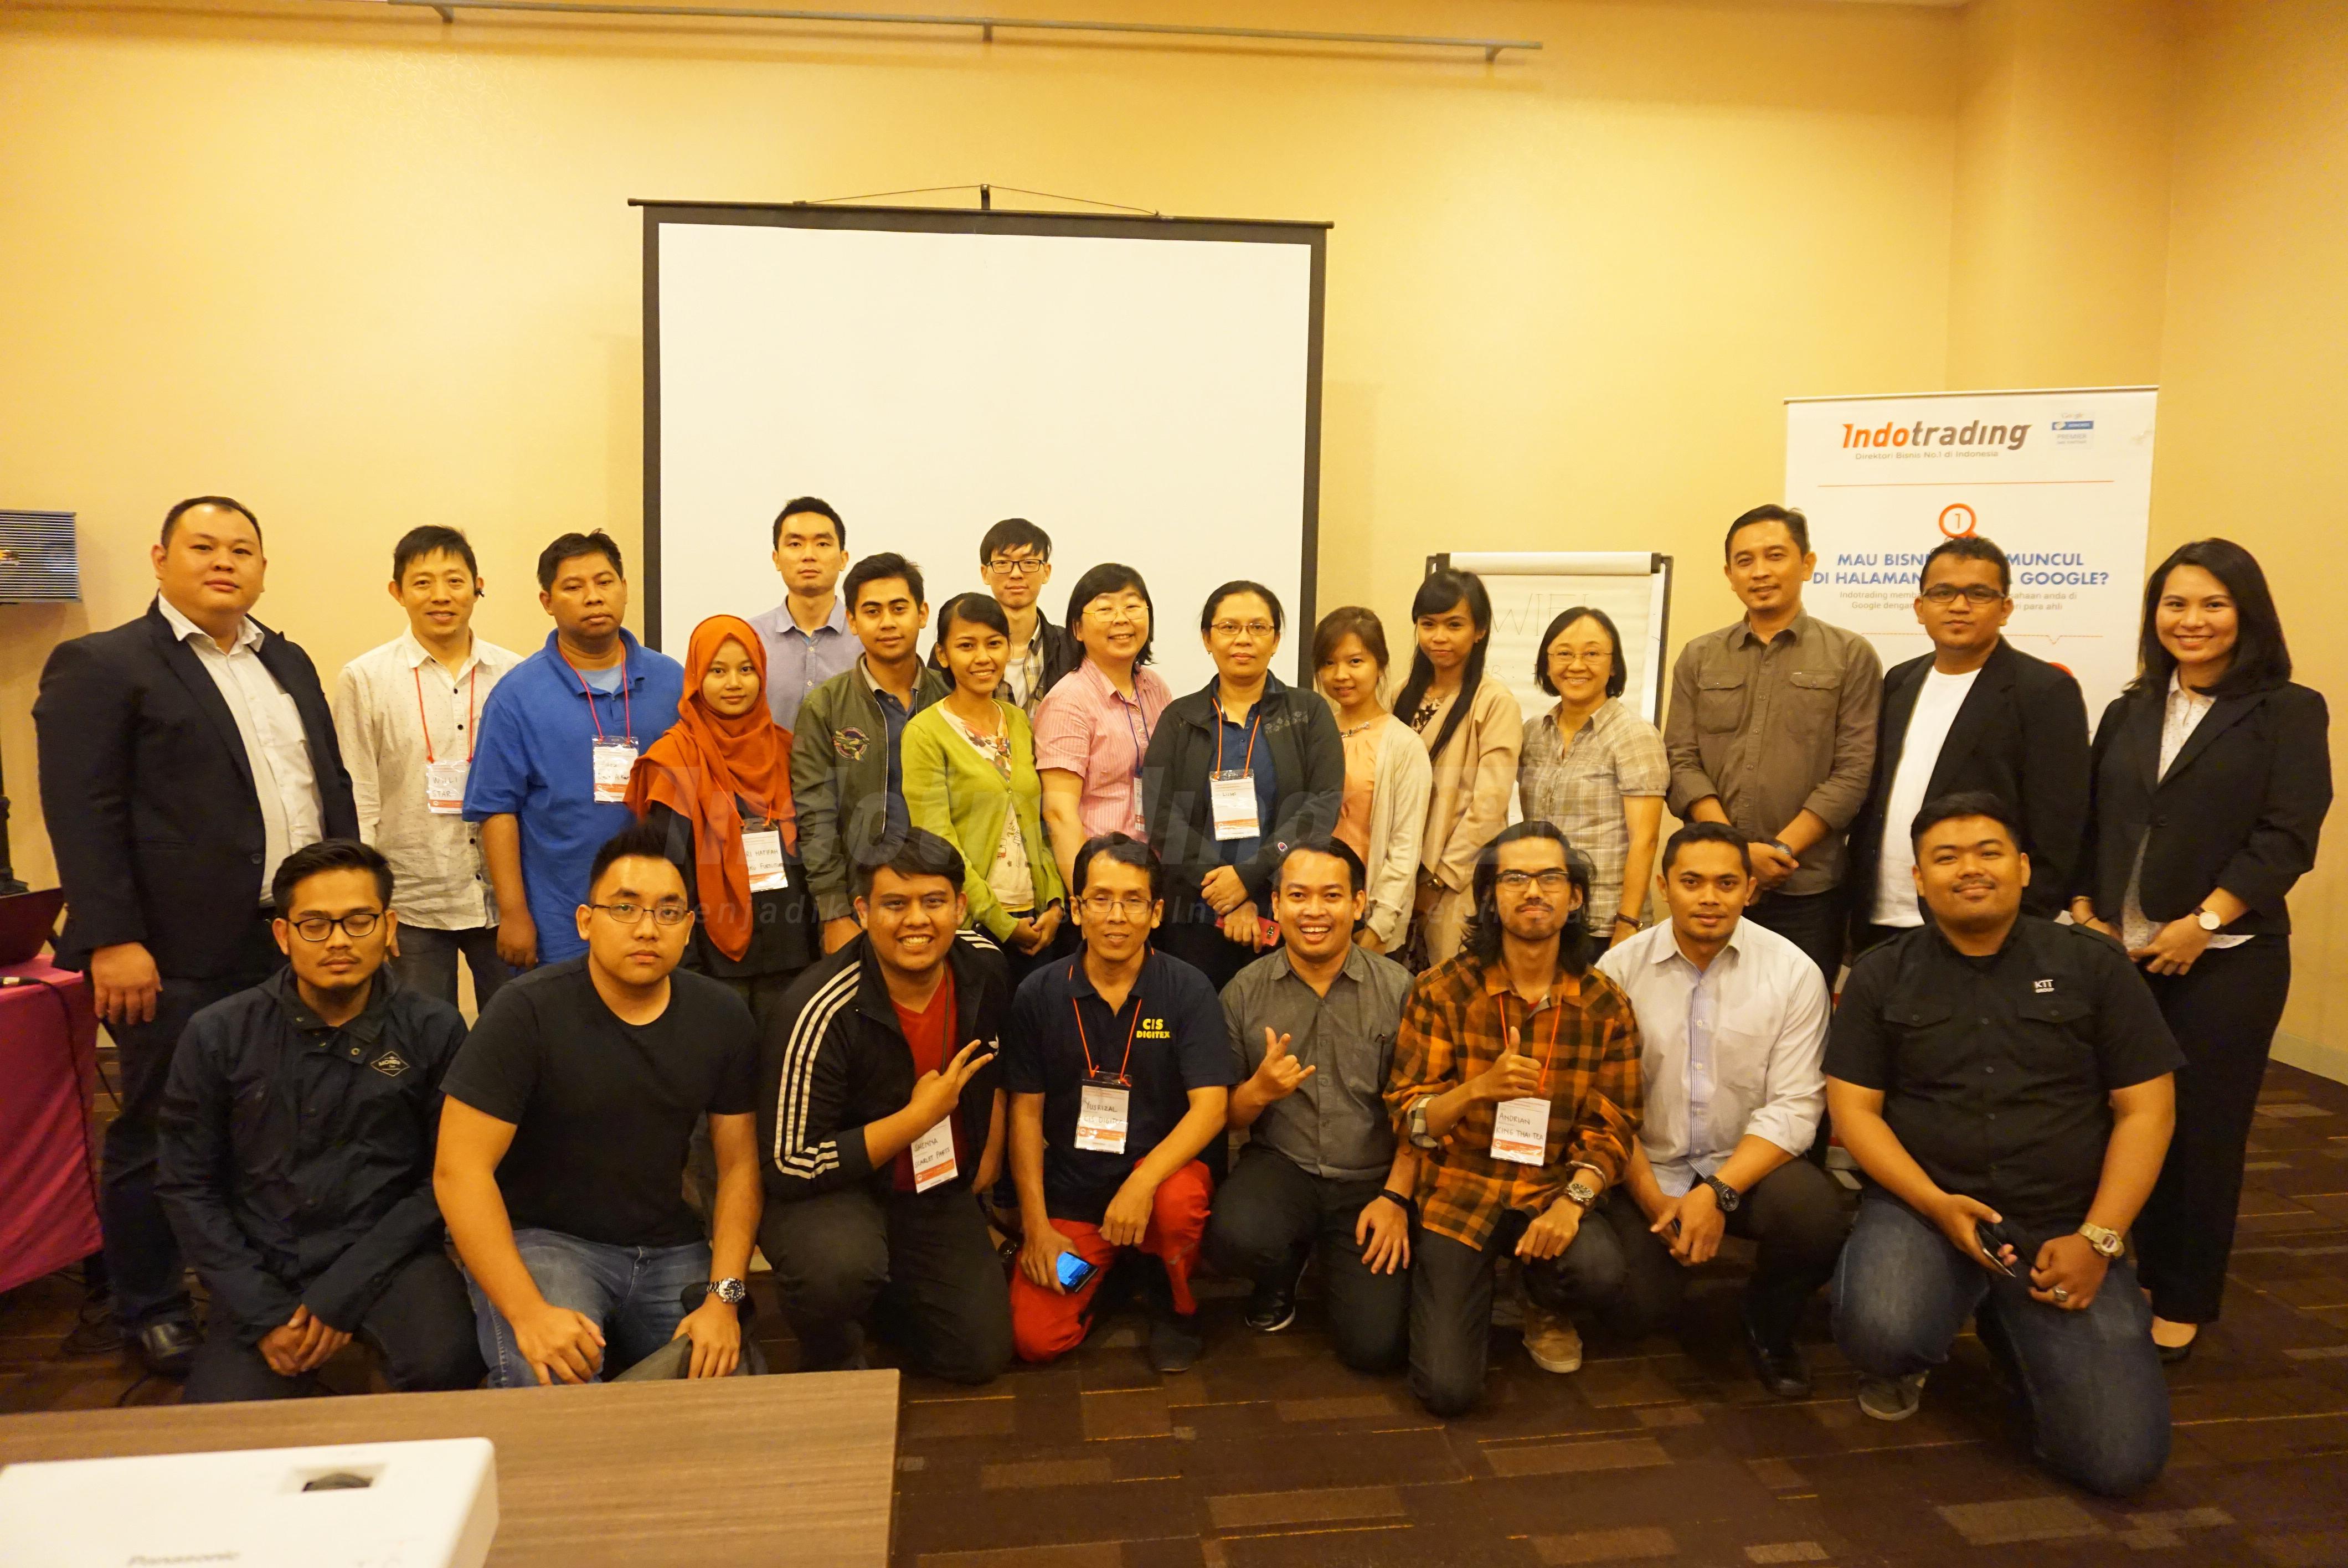 Entrepreneur Club Sukses Gelar Acara Pertama di Bandung